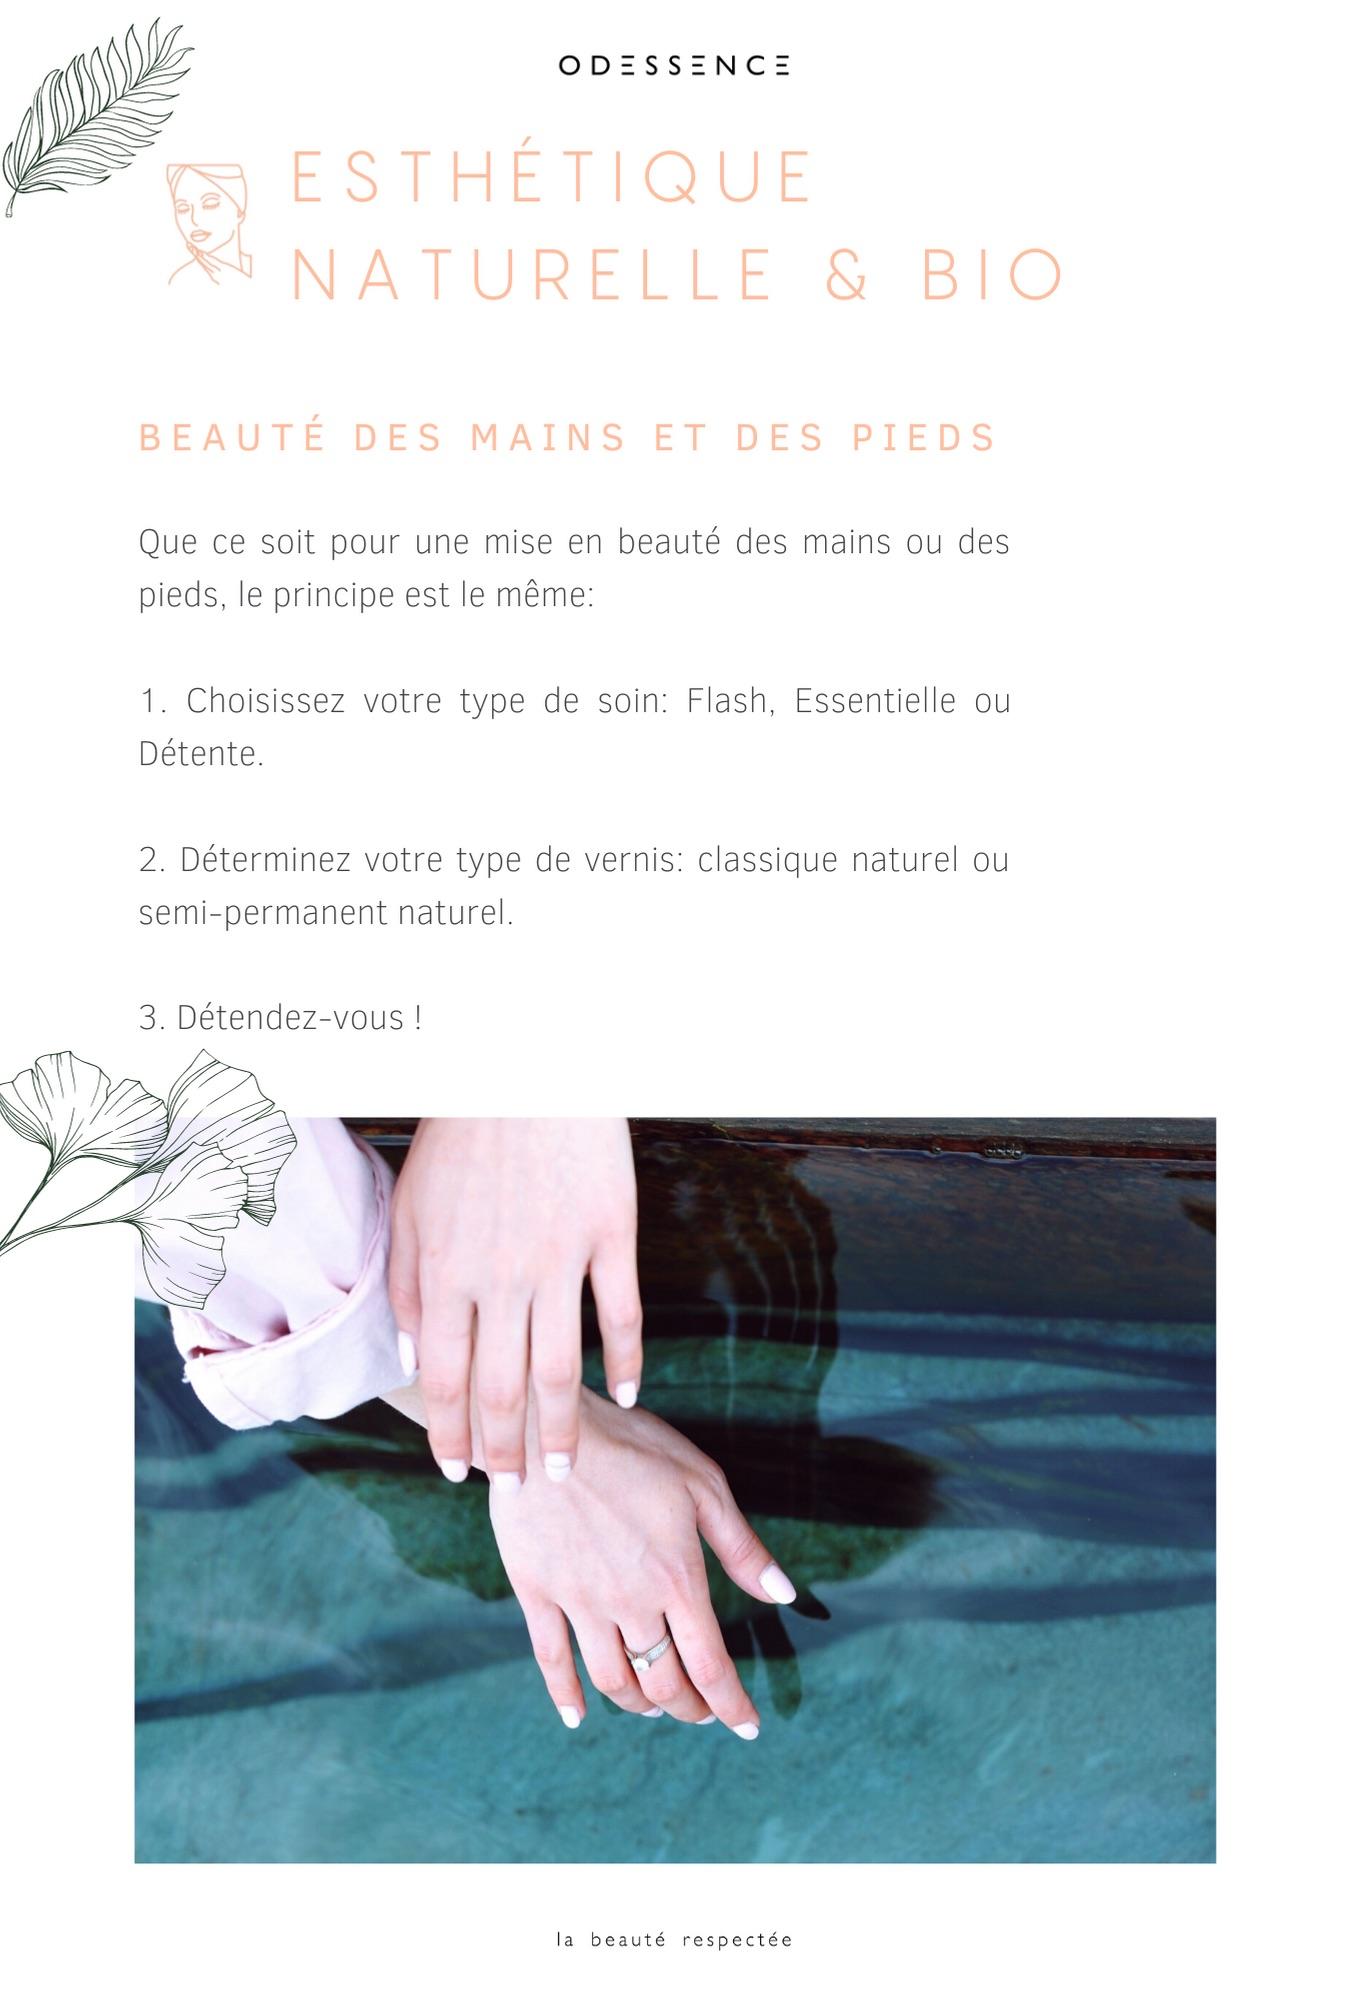 Carte des soins - Manucure bio - Odessence - Beauté naturelle & bio à Bordeaux